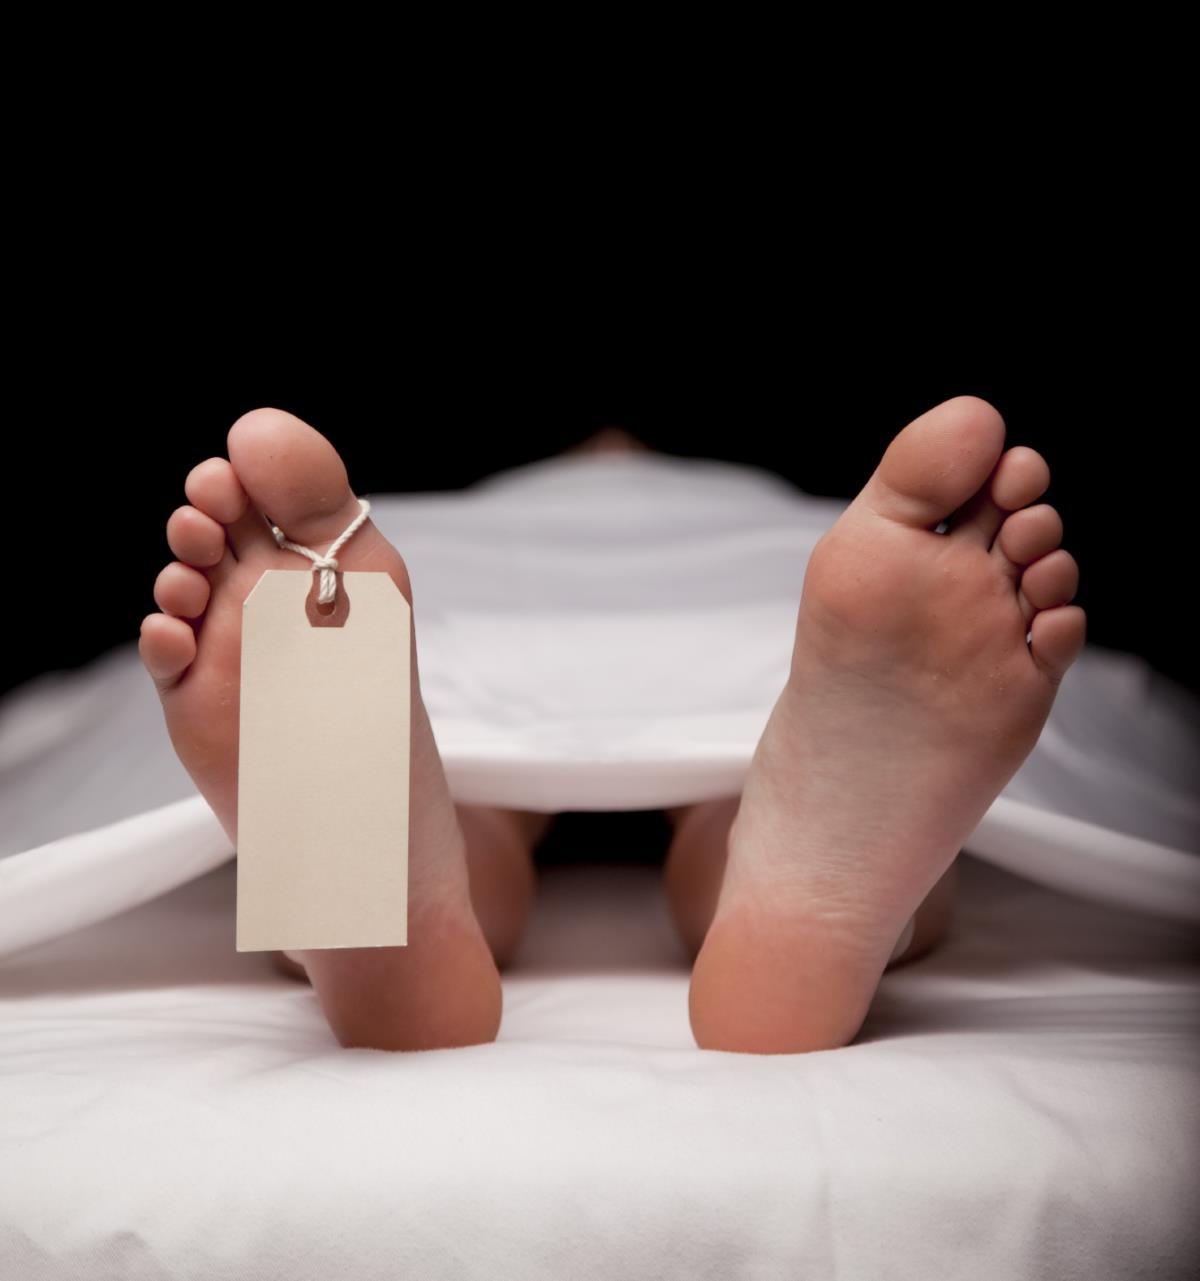 Bei der ersten Autopsie eines Toten, der gegen Covid geimpft war, wurden im ganzen Körper verteilt Spike-Proteine gefunden